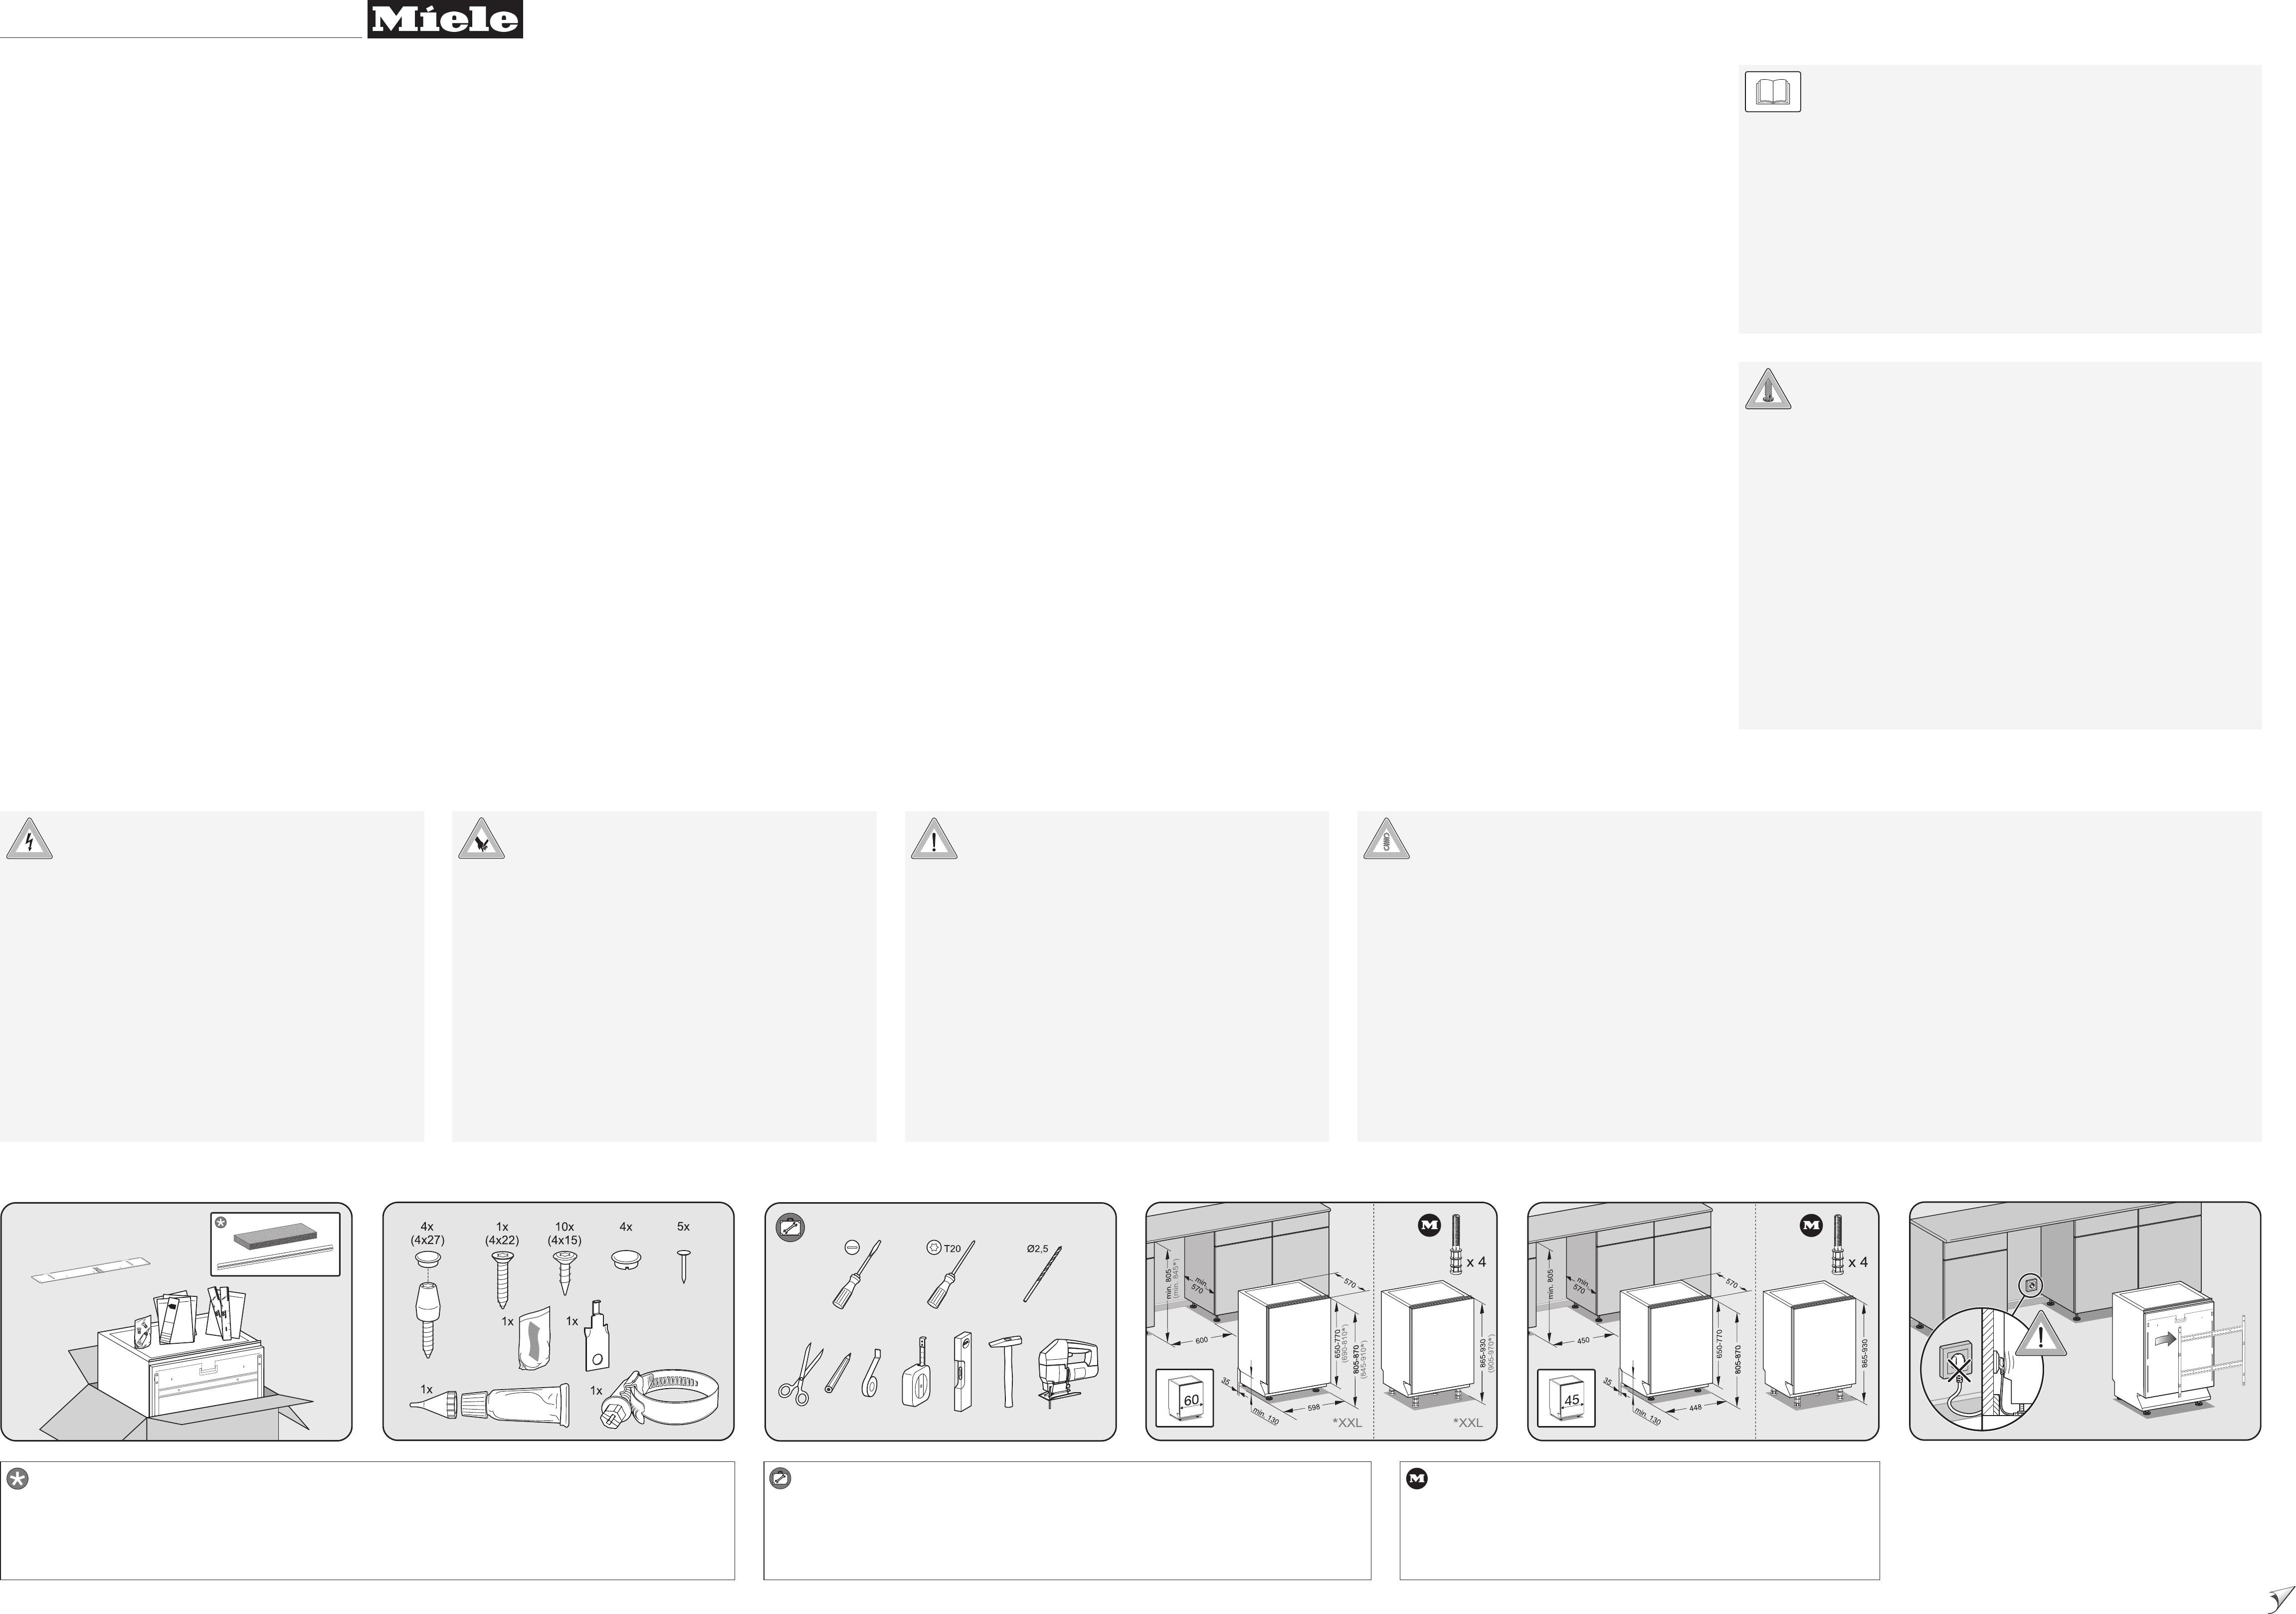 bedienungsanleitung miele g 6260 vi seite 1 von 2 alle sprachen. Black Bedroom Furniture Sets. Home Design Ideas